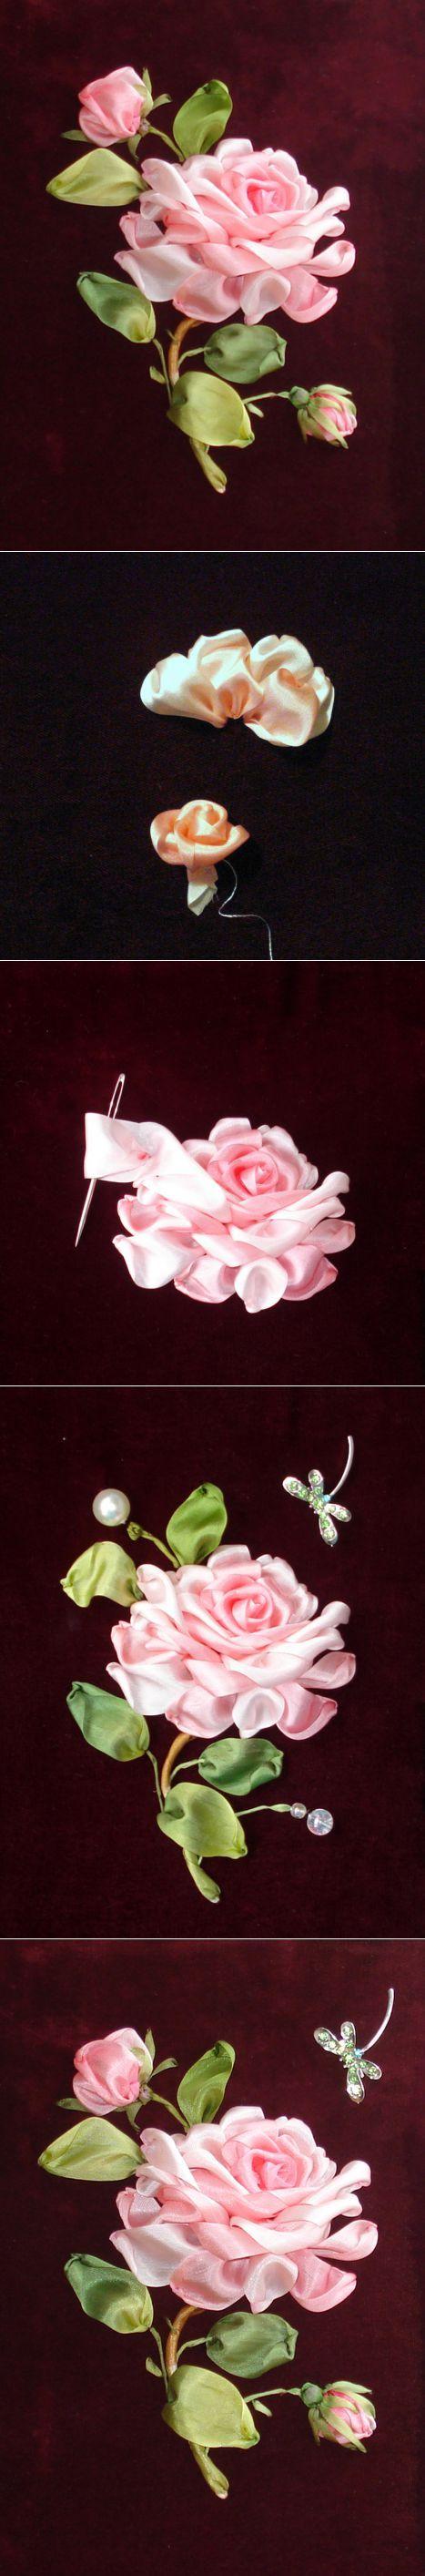 Внутри каждой души есть Роза... / Конкурсы / Цветочное рукоделие